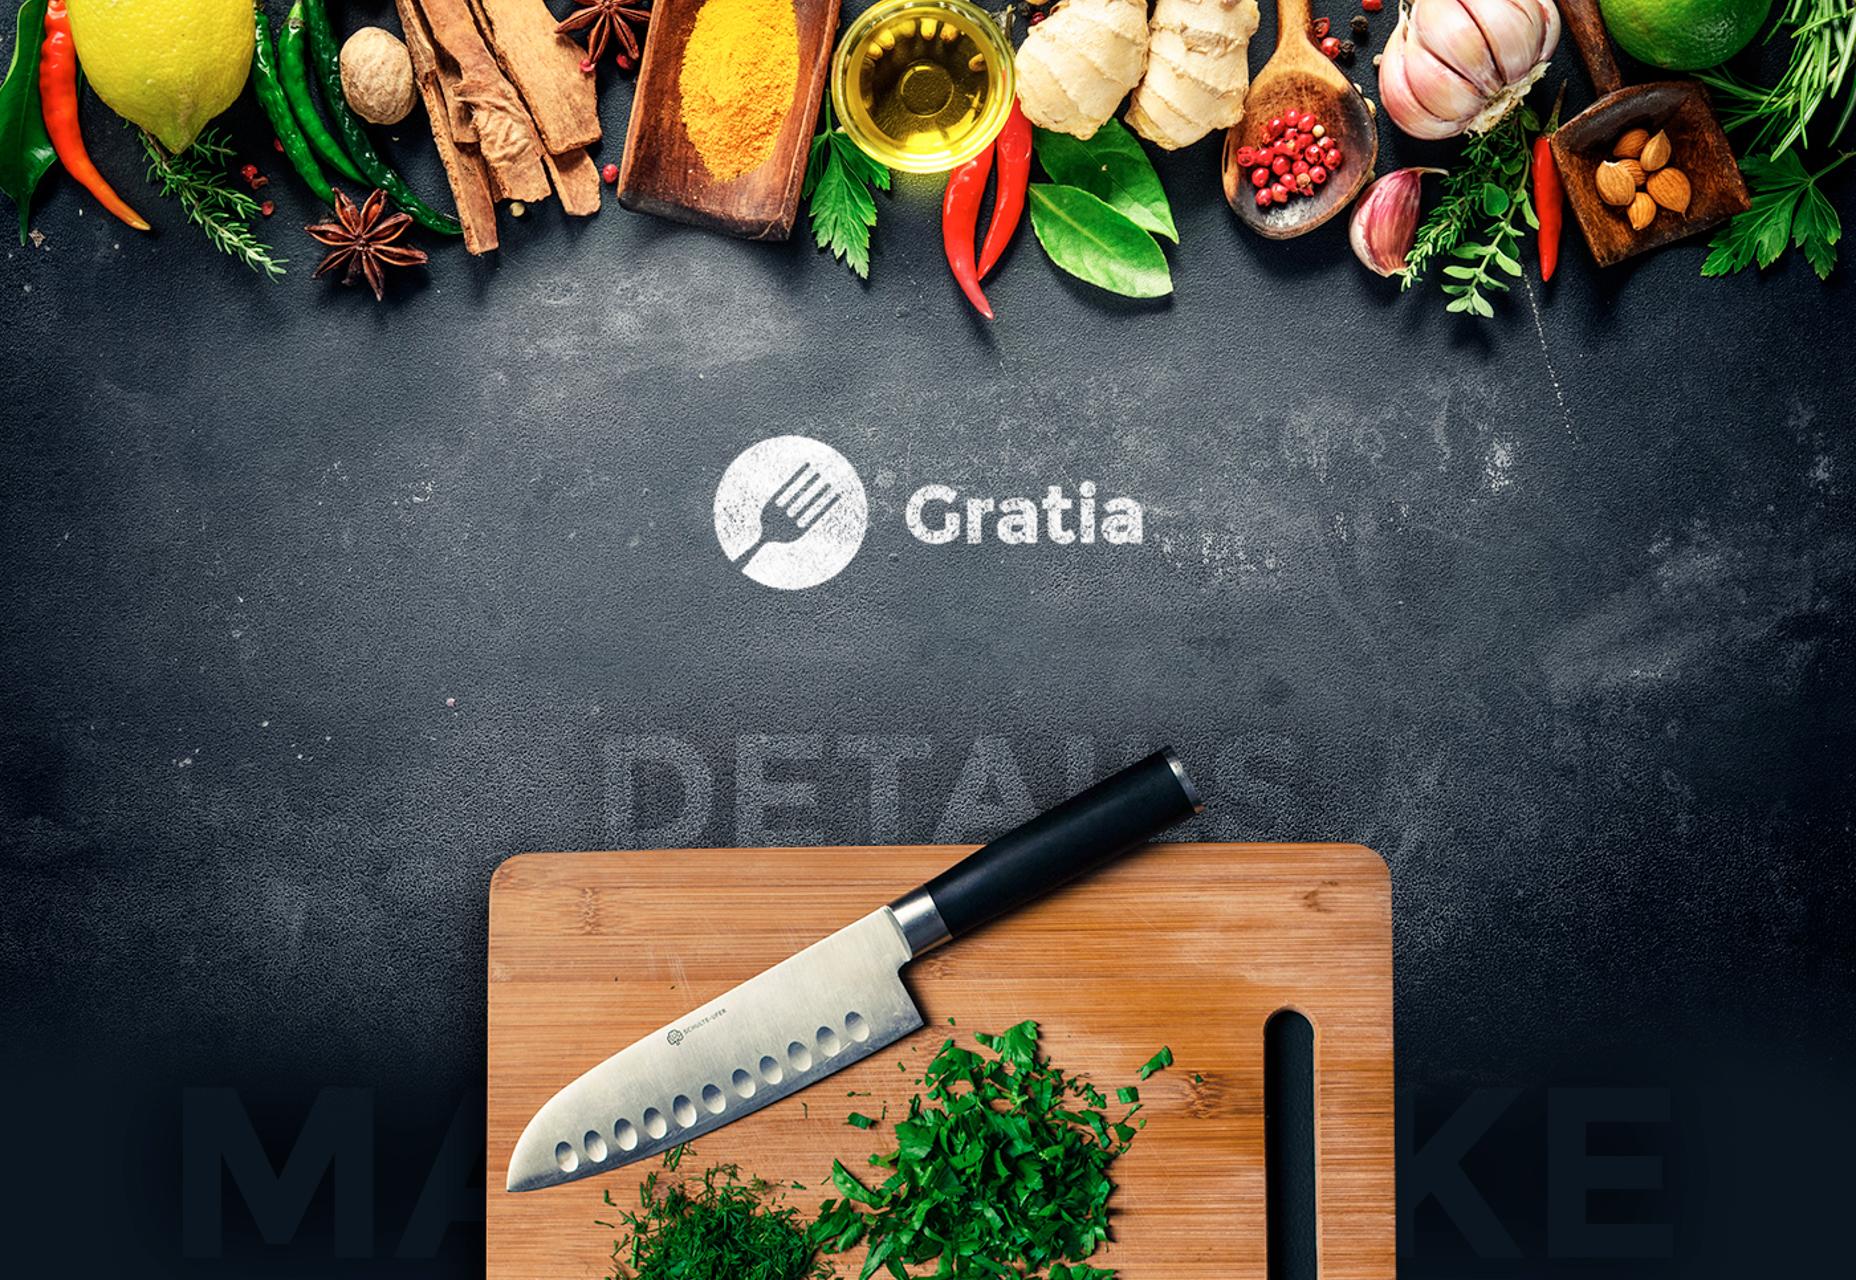 Gratia: kauniisti muotoiltu ravintola PSD-malline